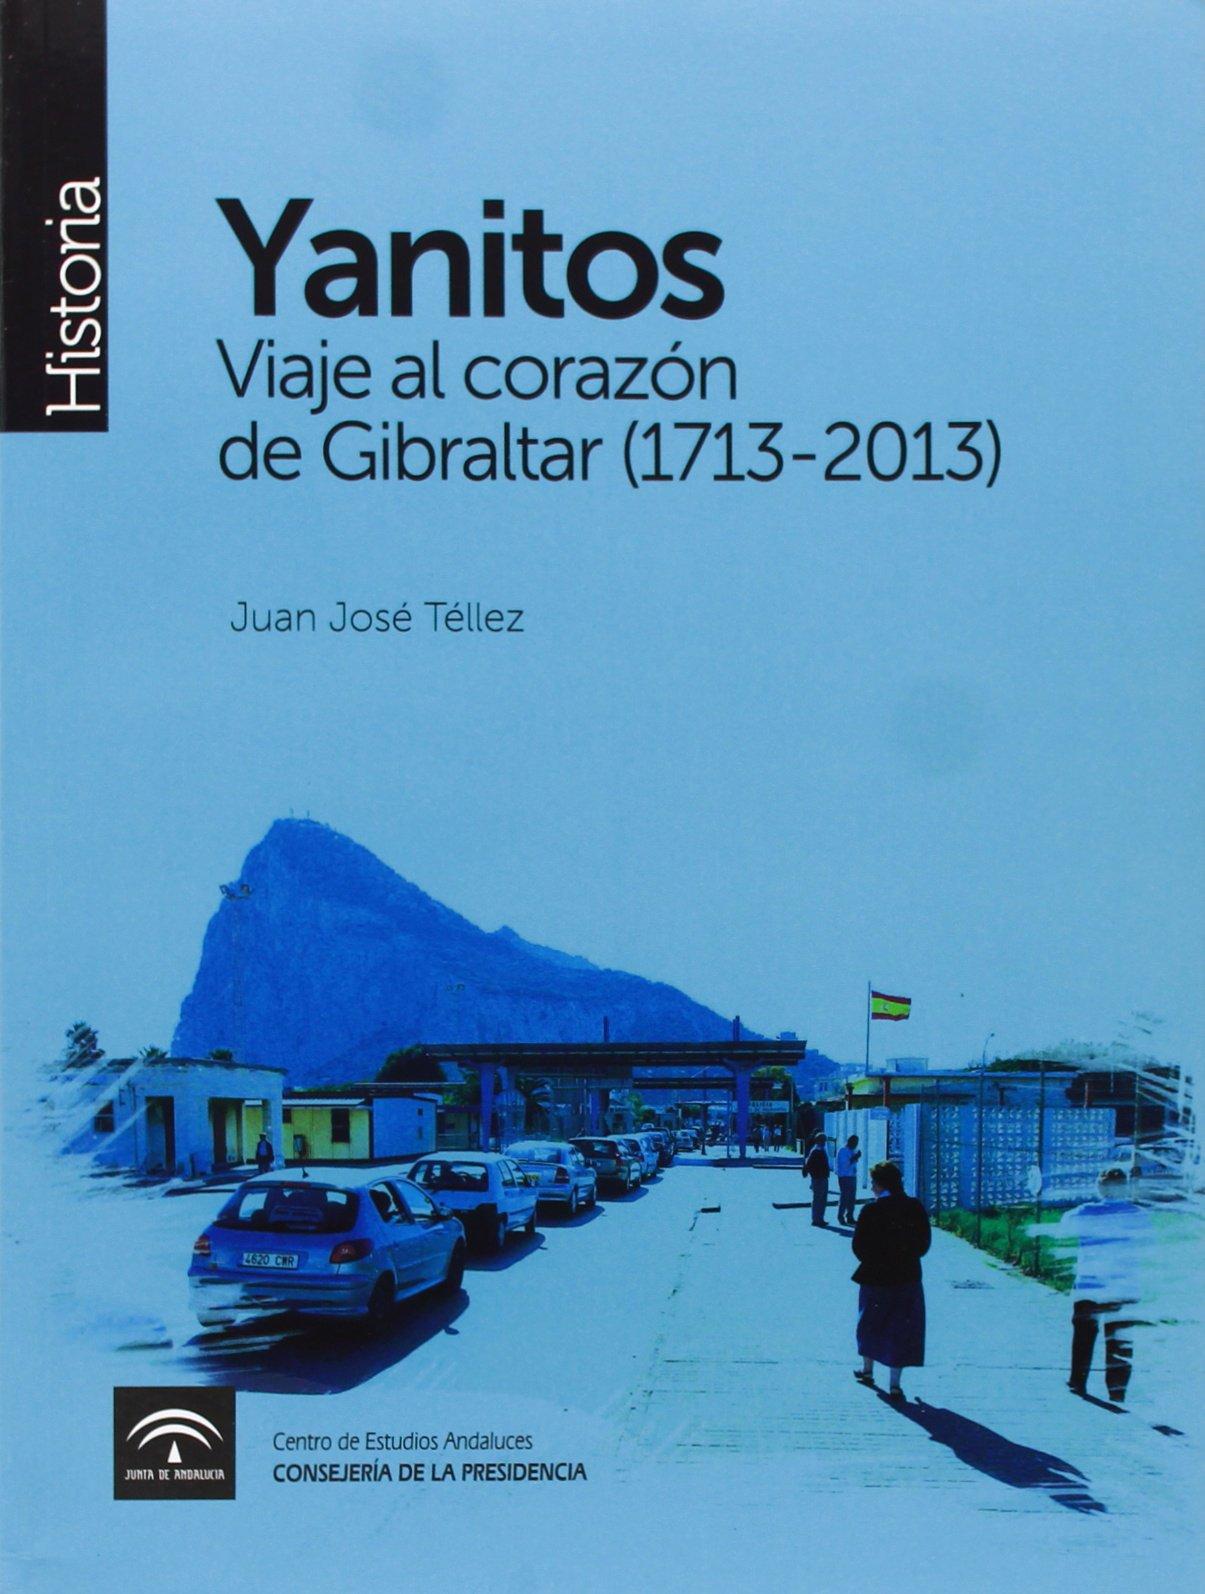 Yanitos: Viaje al corazón de Gibraltar 1713-2013 Monografía-Historia: Amazon.es: Téllez Rubio, Juan José: Libros